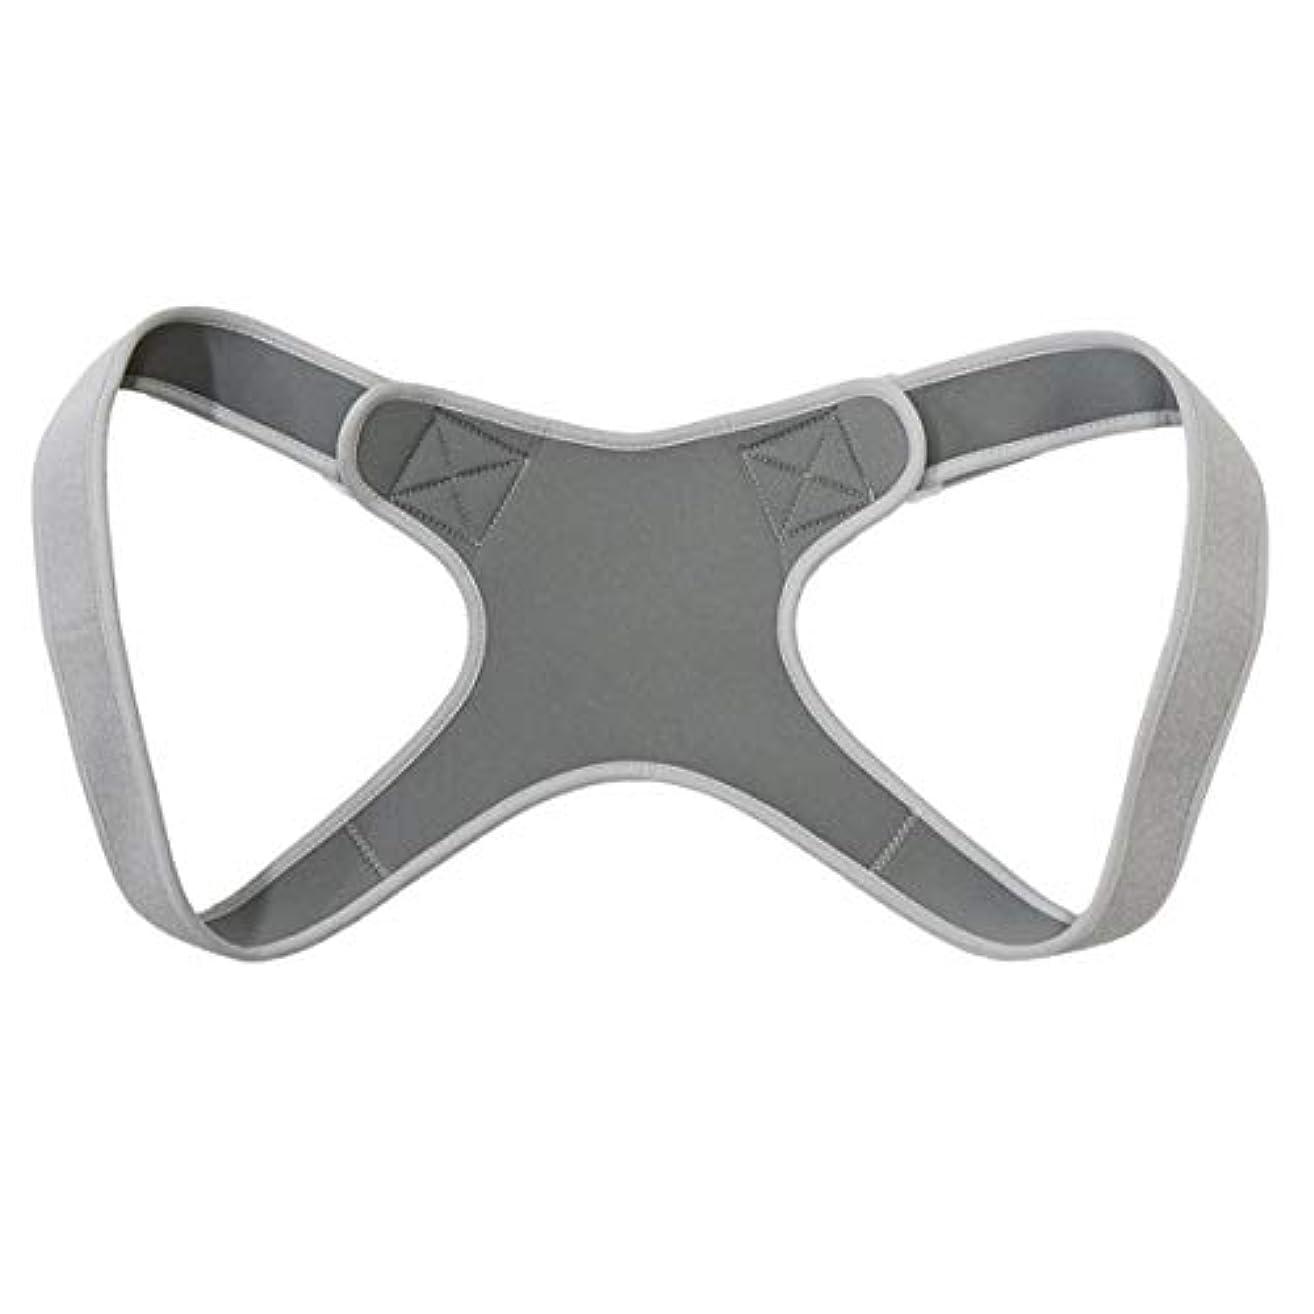 不可能な乗算ハイライト新しいアッパーバックポスチャーコレクター姿勢鎖骨サポートコレクターバックストレートショルダーブレースストラップコレクター - グレー